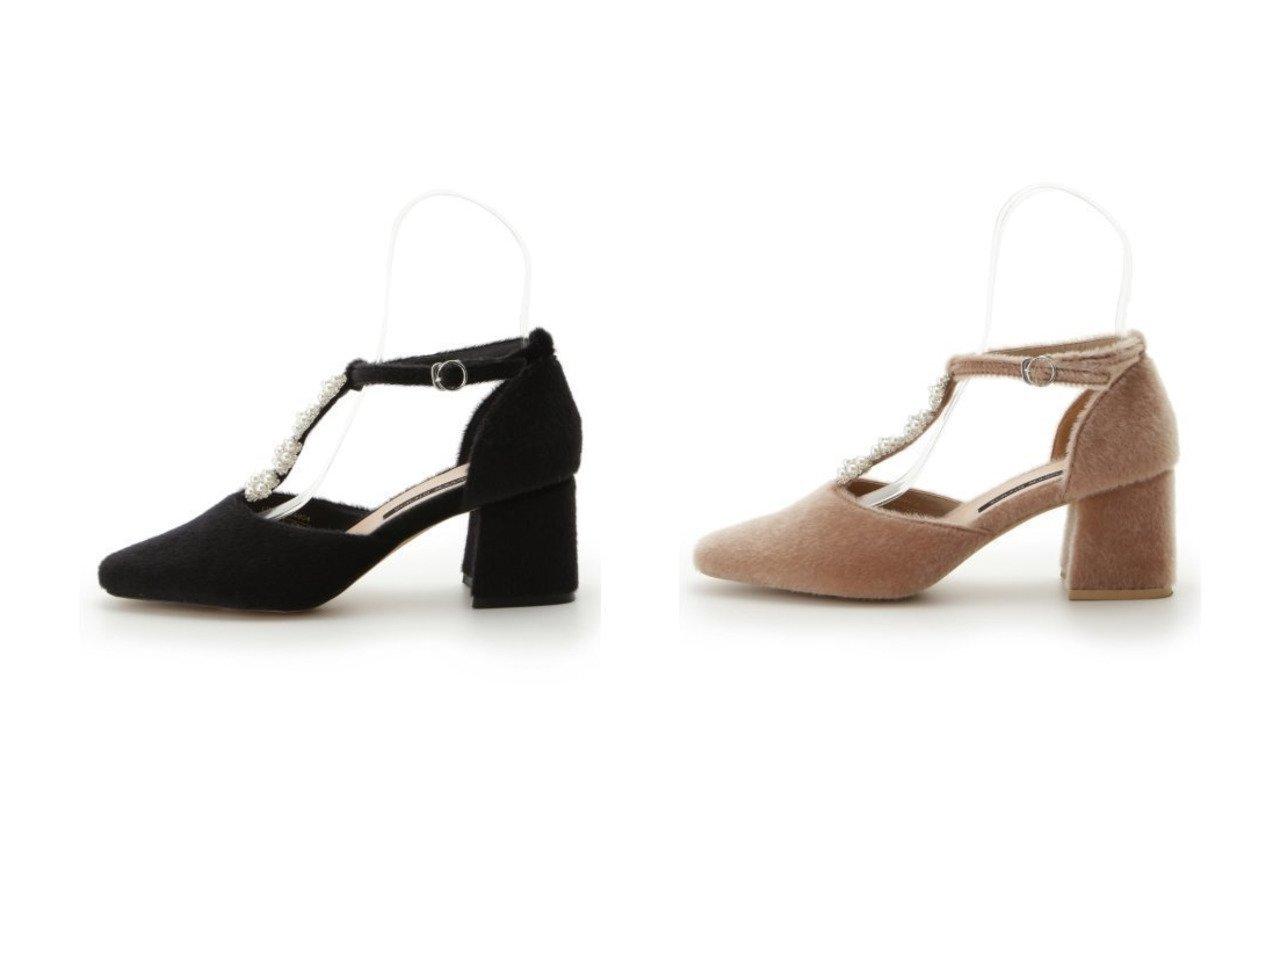 【Lily Brown/リリーブラウン】のL.B CANDY STOCK パールフラワーパンプス シューズ・靴のおすすめ!人気、レディースファッションの通販  おすすめで人気のファッション通販商品 インテリア・家具・キッズファッション・メンズファッション・レディースファッション・服の通販 founy(ファニー) https://founy.com/ ファッション Fashion レディース WOMEN エレガント シューズ ジュエリー ストラップパンプス スマート ドレス パール ビジュー フォルム フラワー A/W 秋冬 Autumn &  Winter 冬 Winter |ID:crp329100000004101